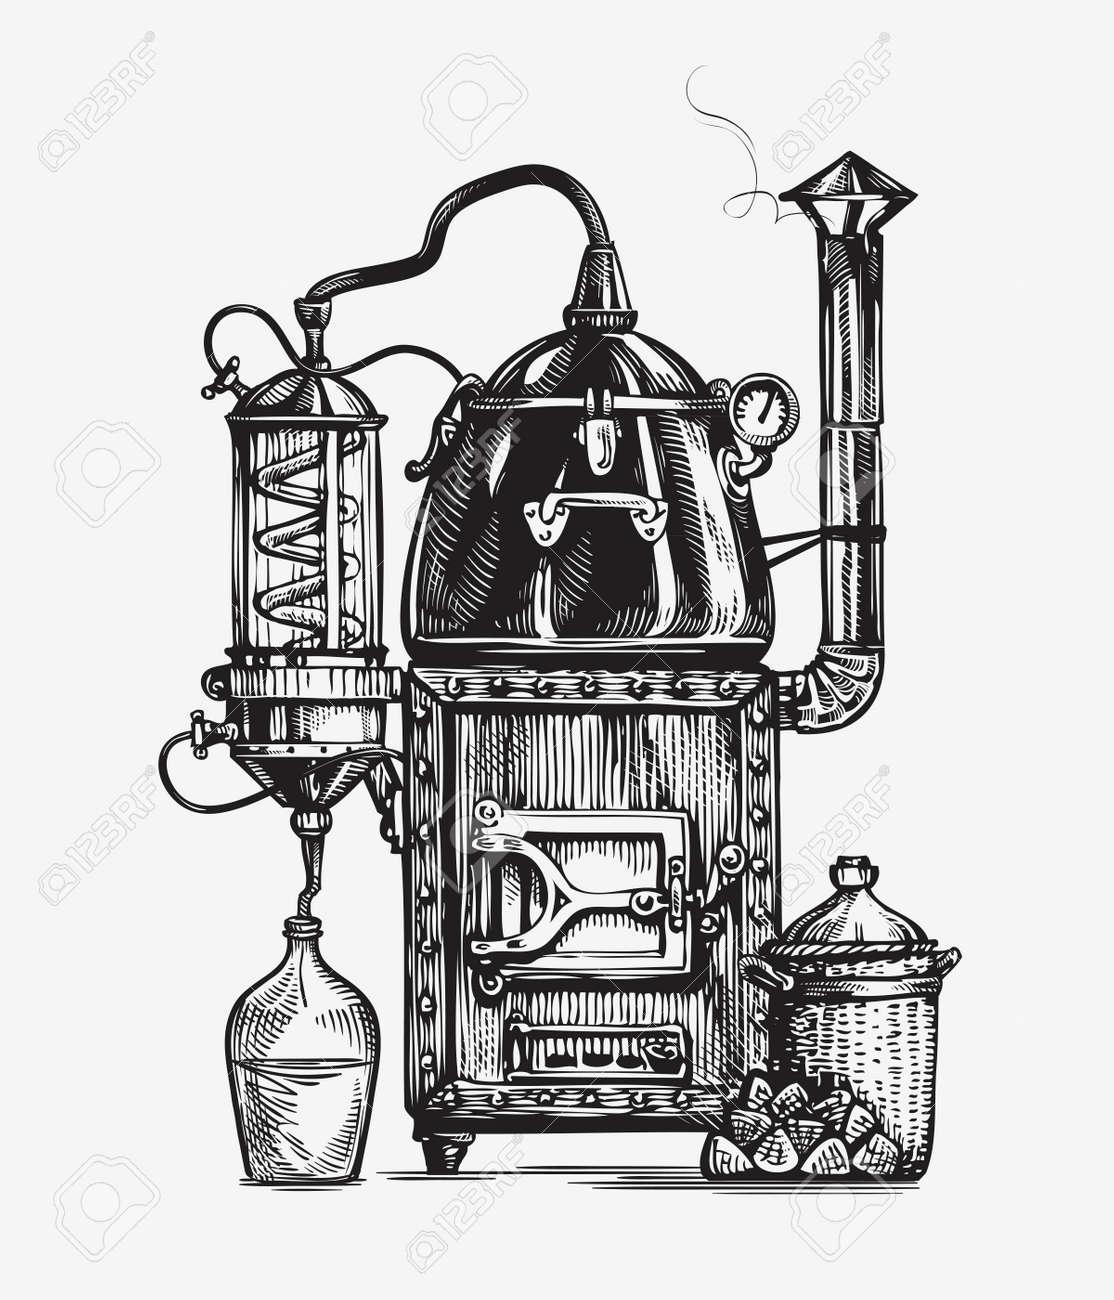 Distillation apparatus sketch. Retro hooch vector illustration - 67209174